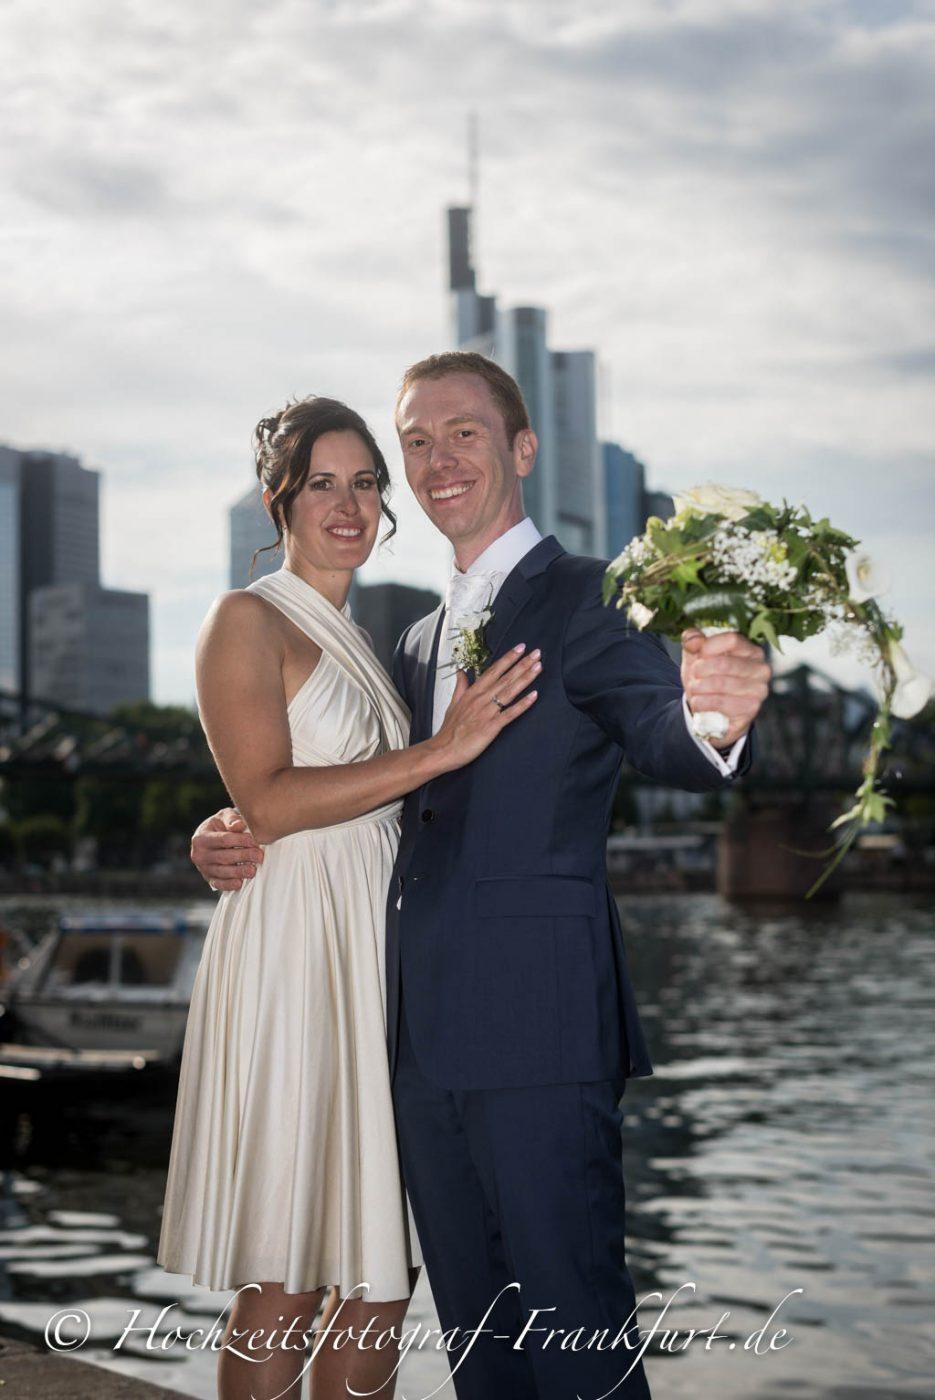 Standesamt Frankfurt am Main: Foto des Hochzeitspaares mit der Frankfurter Skyline im Hintergrund II.